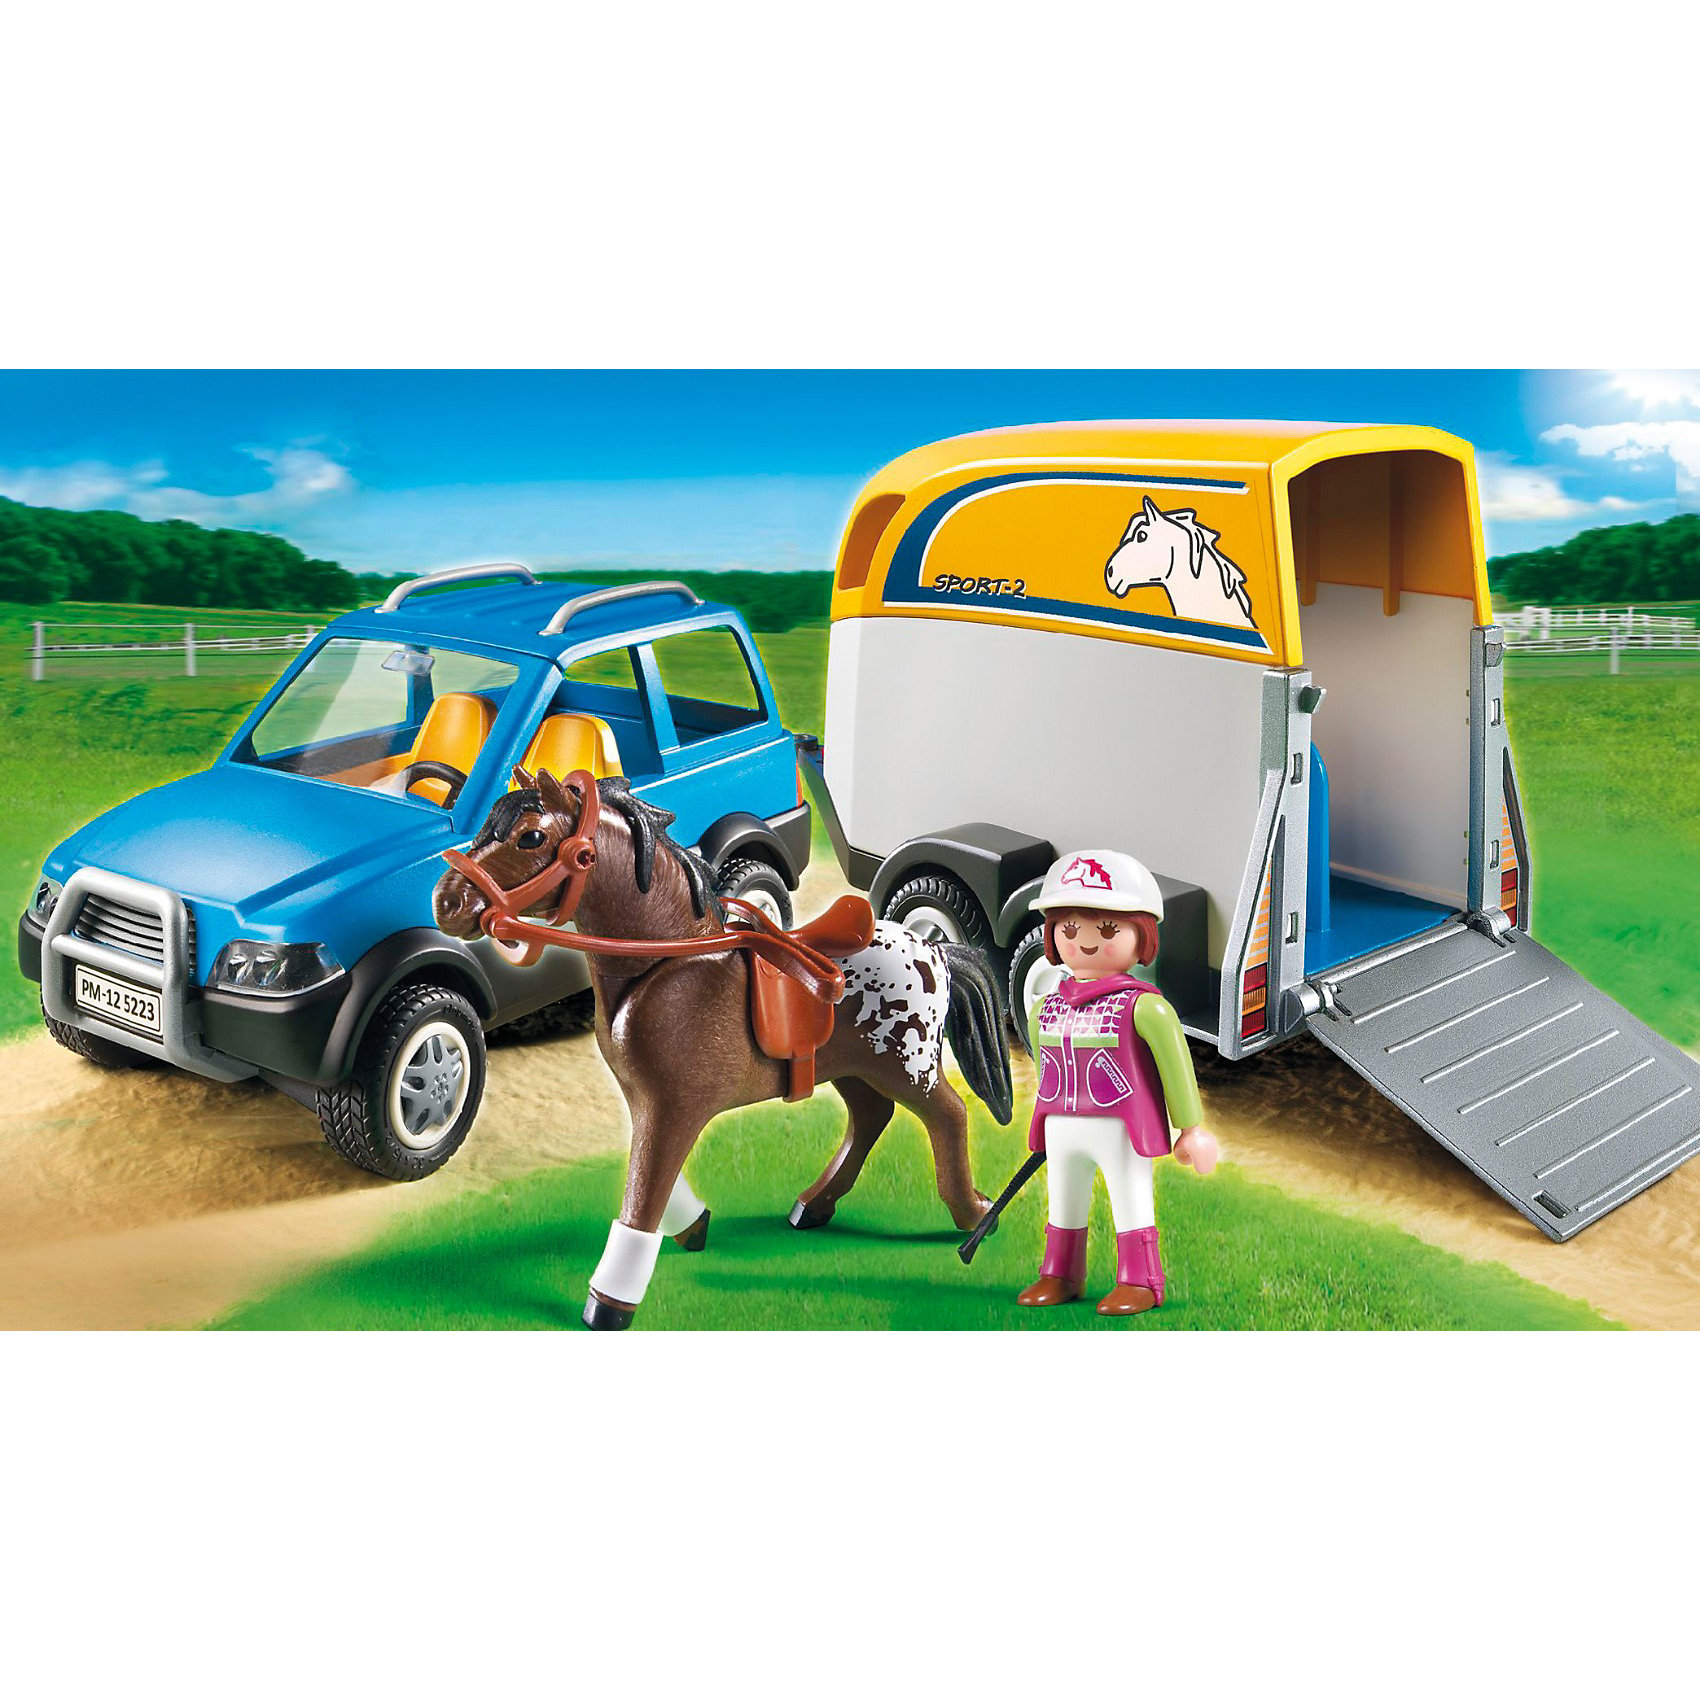 PLAYMOBIL® PLAYMOBIL 5223 Лошади: Джип с трейлером для перевозки лошадей siku внедорожник jeep wrangler с прицепом для перевозки лошадей